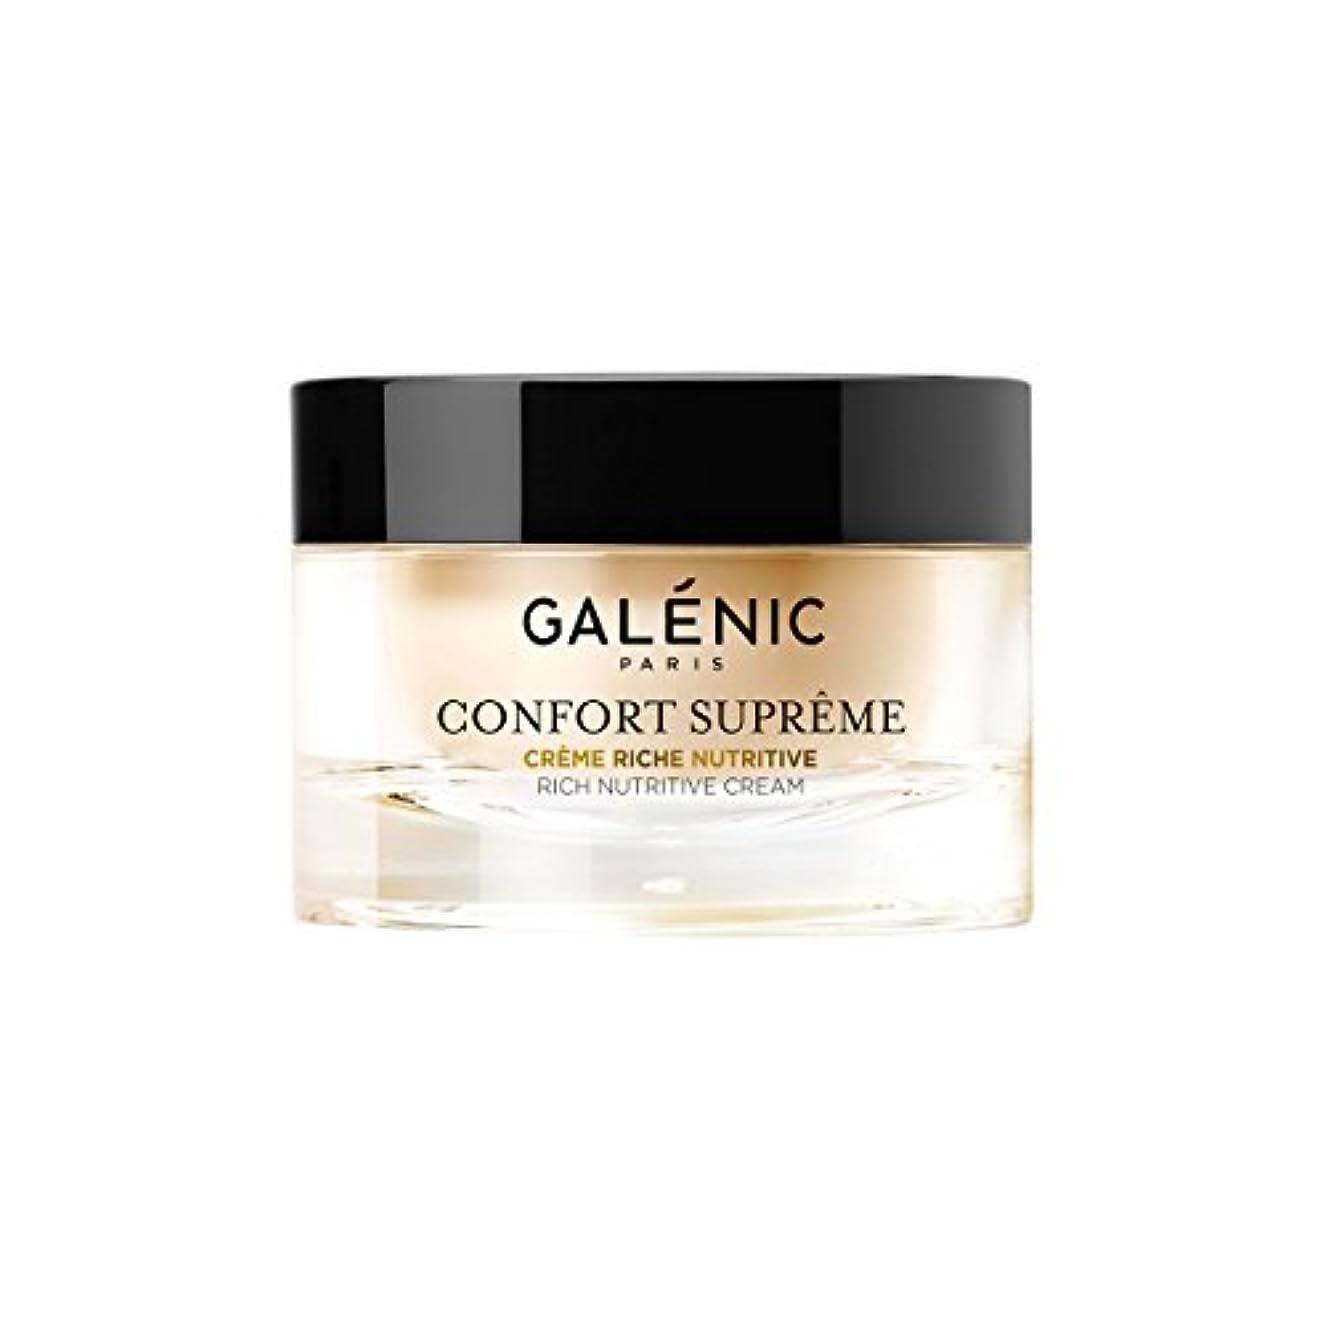 後食用阻害するGalenic Confort Supreme Rich Nutritive Cream 50ml [並行輸入品]